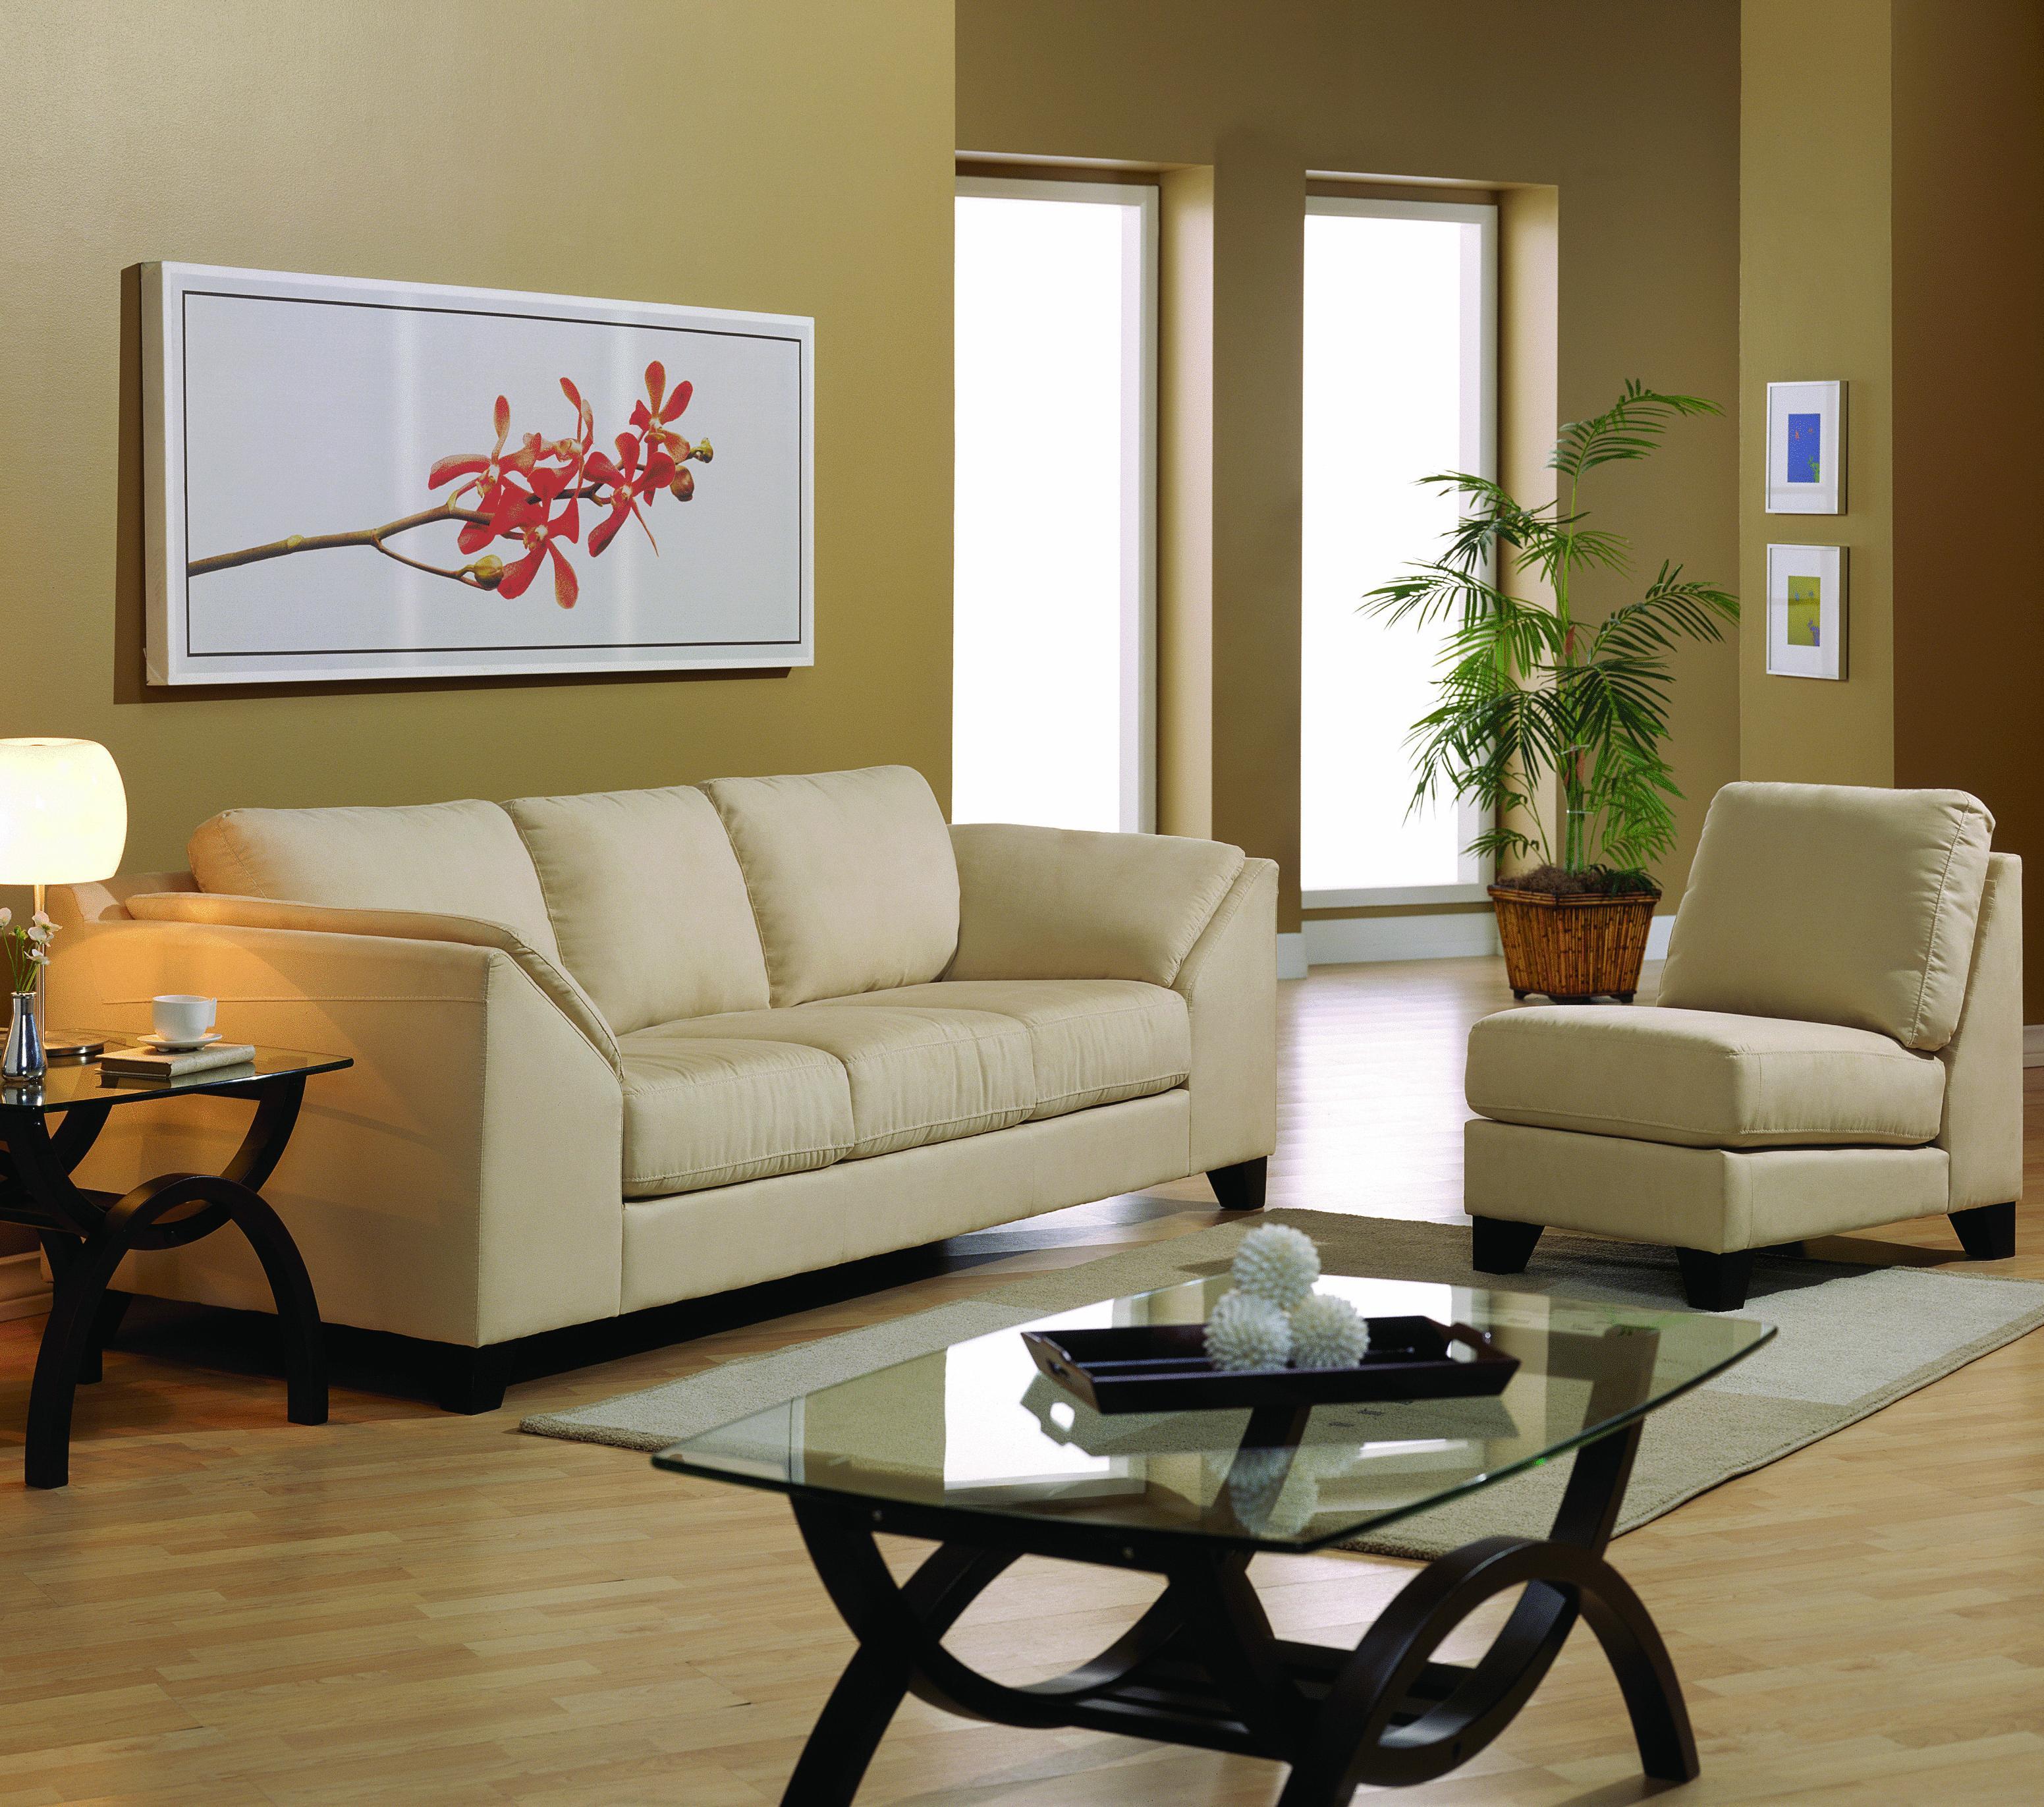 Palliser Cato Stationary Living Room Group Olinde 39 S Furniture Stationary Living Room Groups